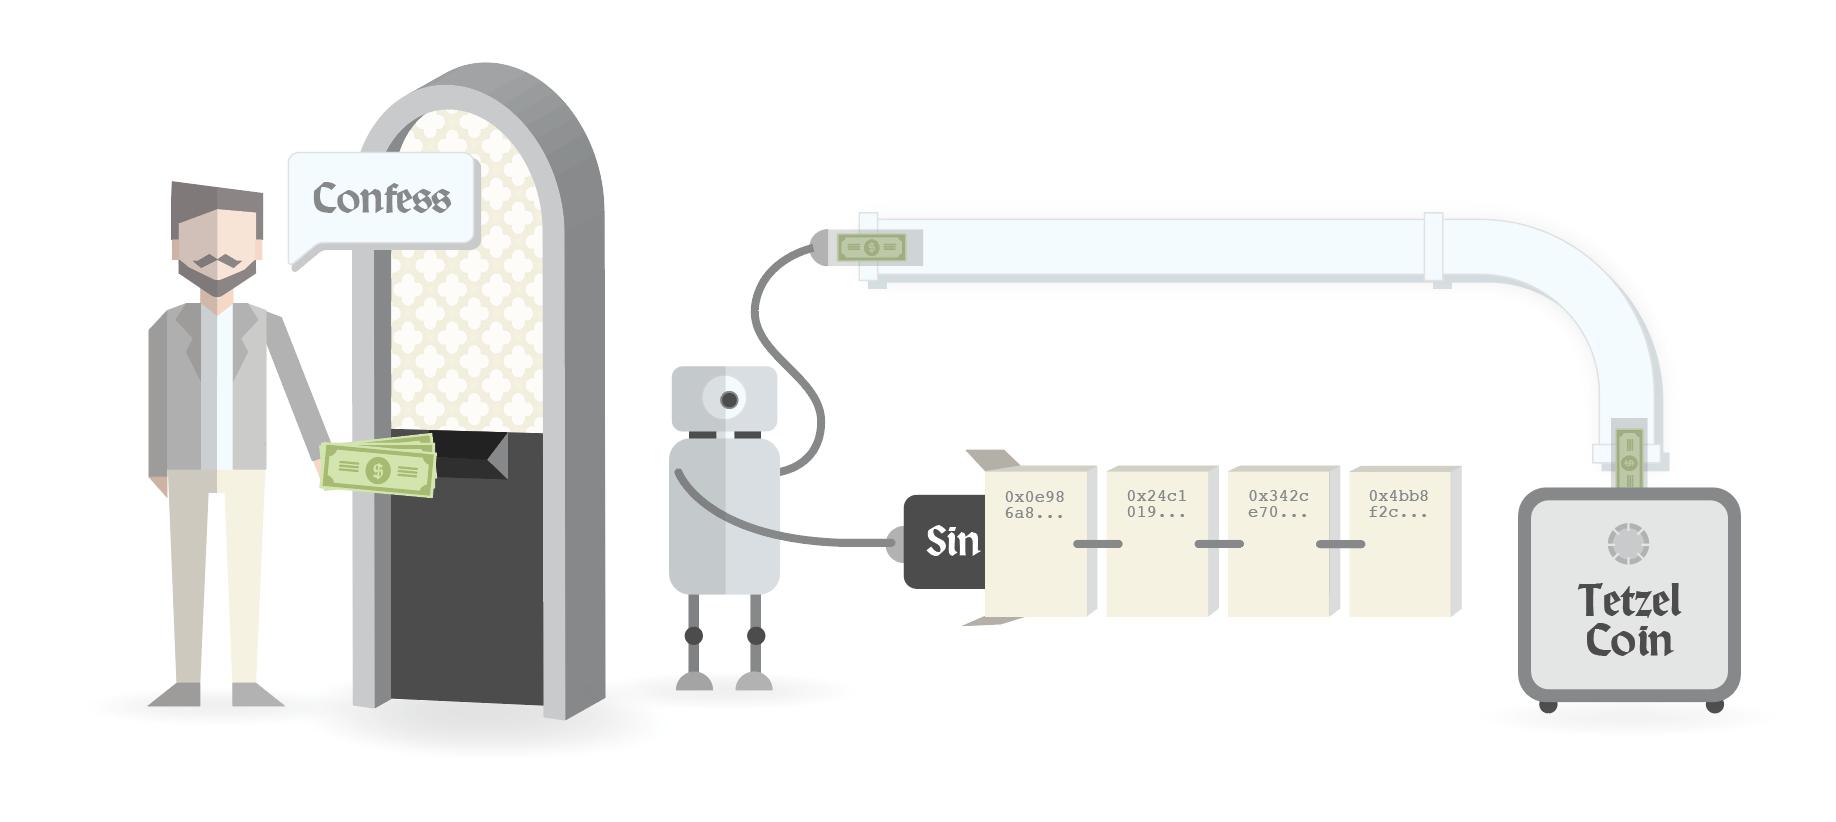 TetzelCoin Forgiveness Robot Smart Contract - the blockchain -token sale